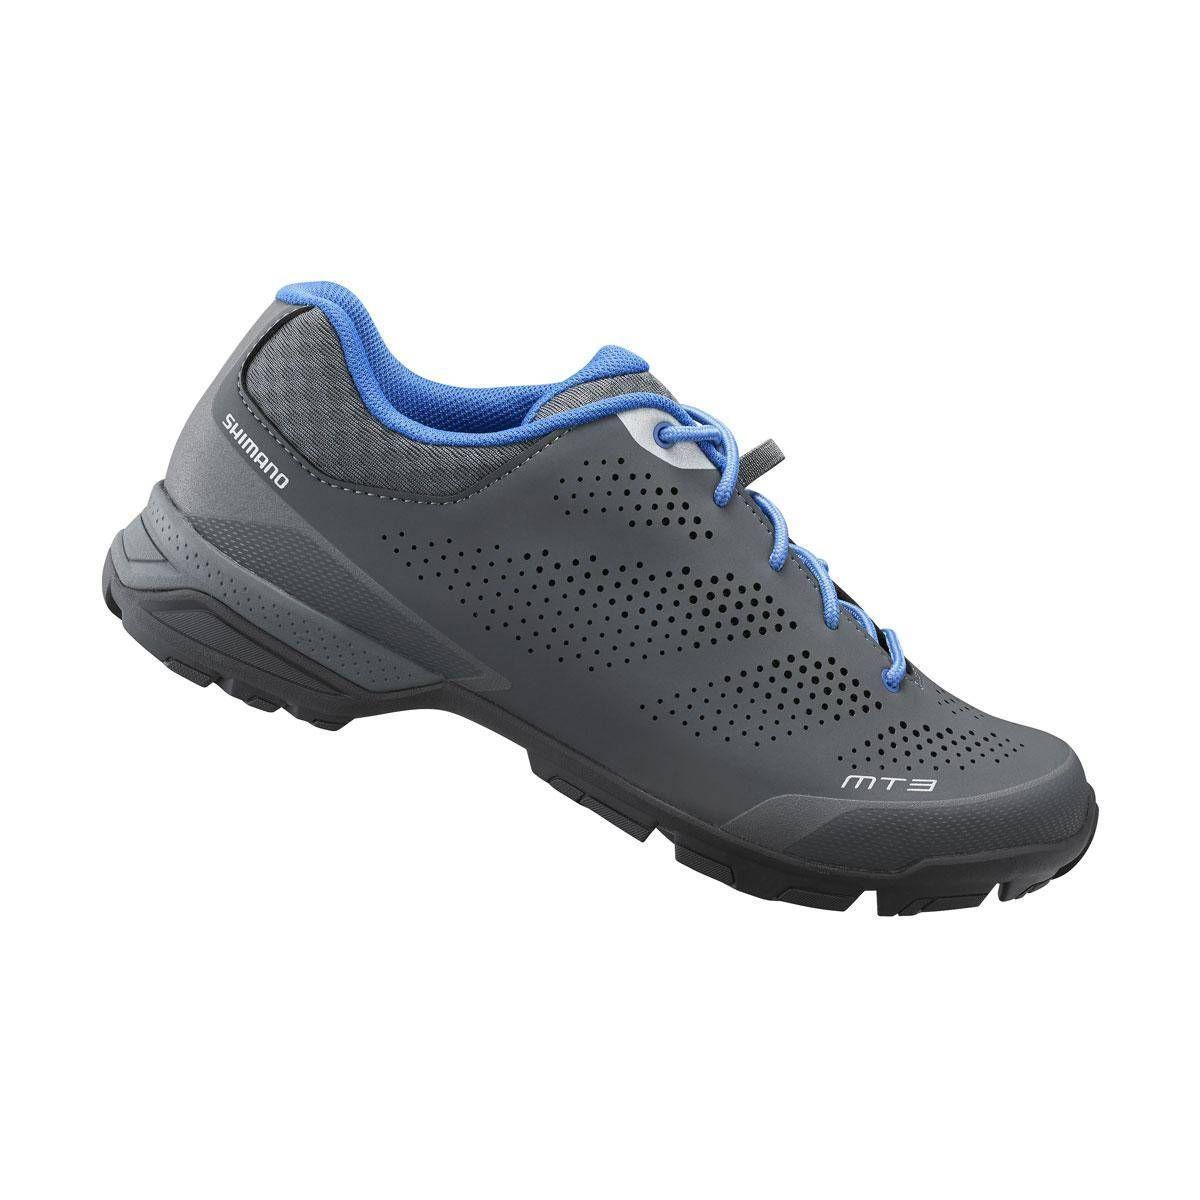 SHIMANO turistická obuv SH-MT301WG, šedá, 39